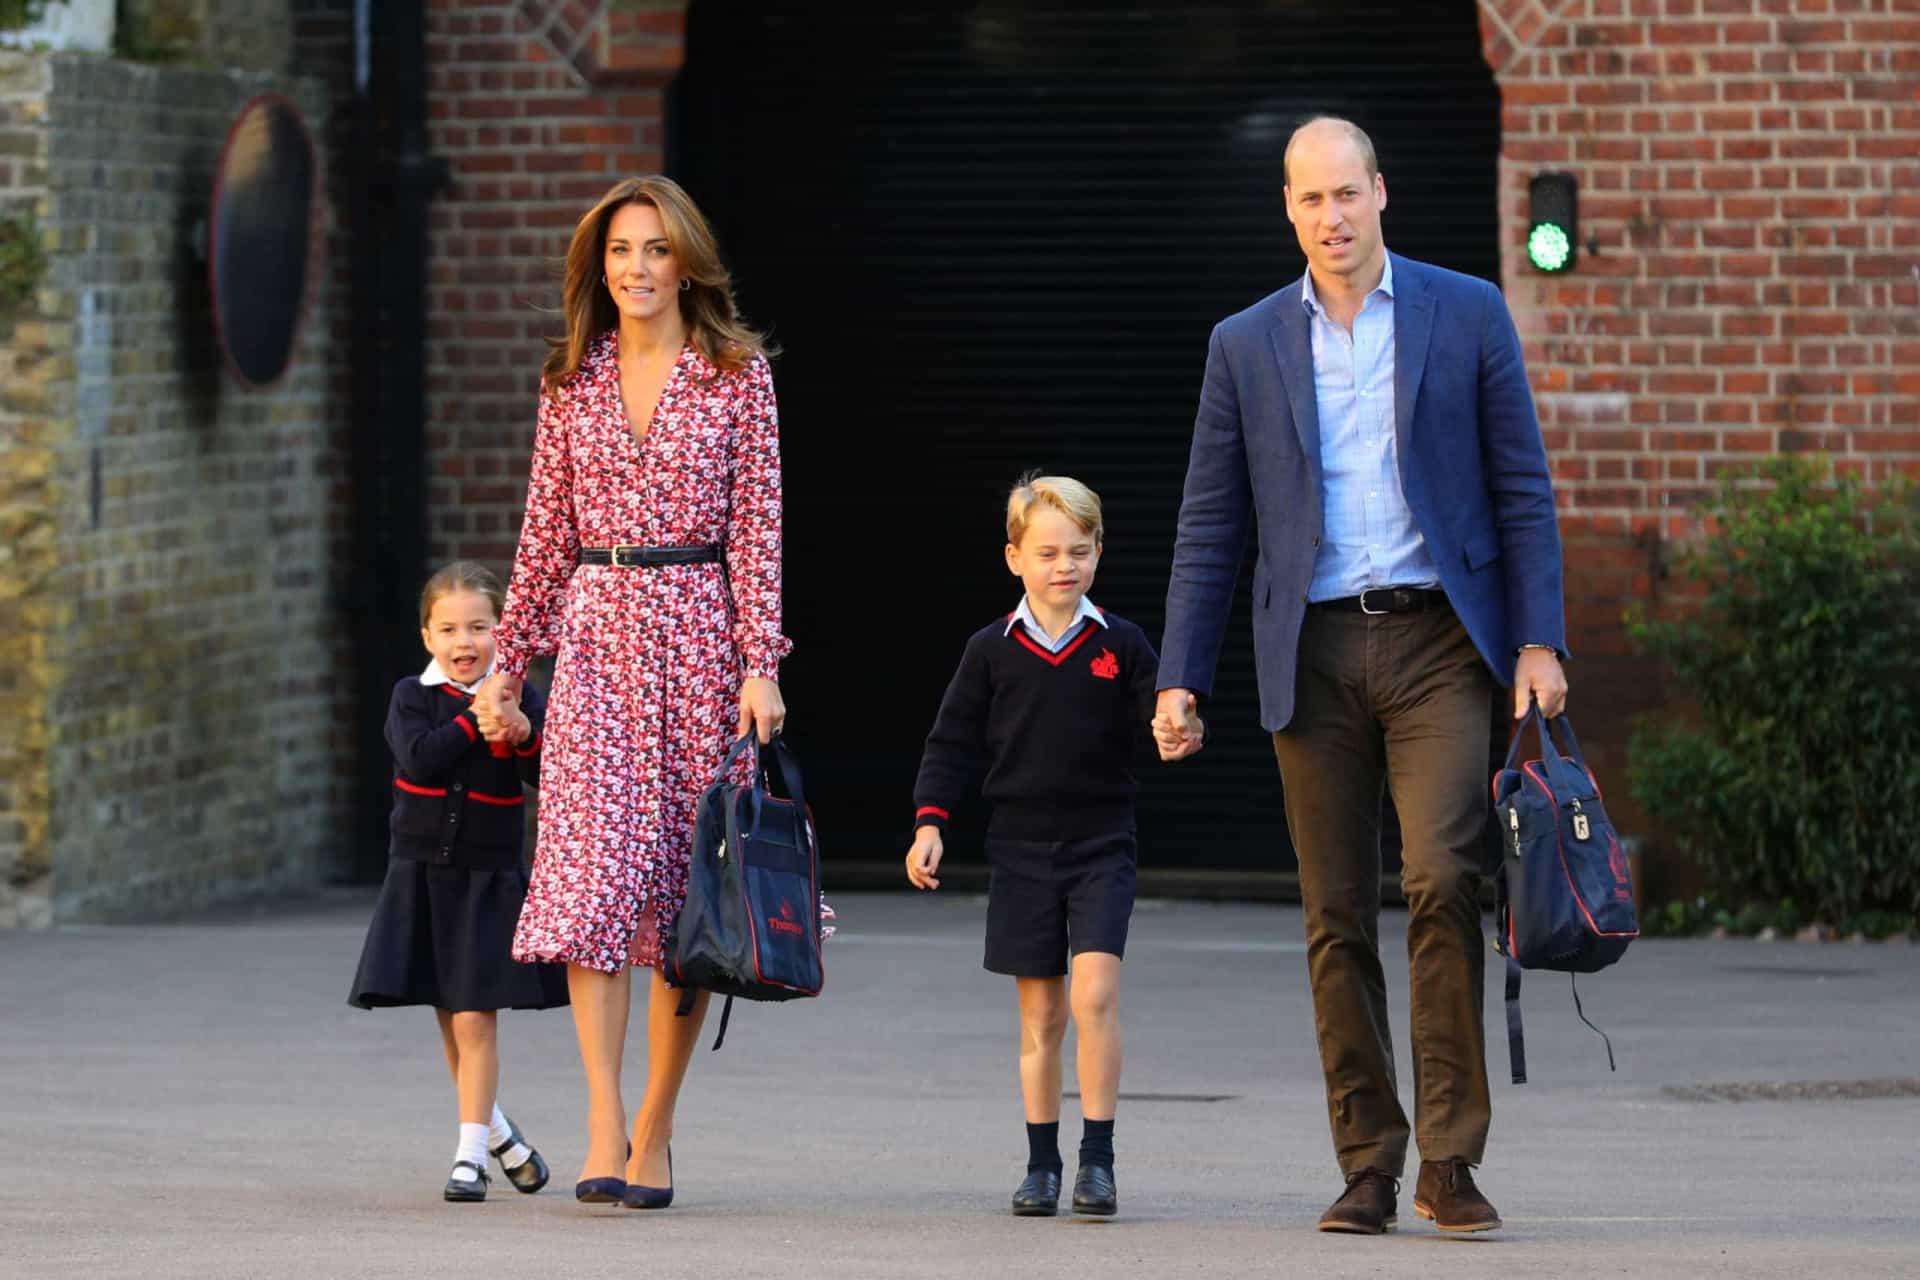 Charlotte Pais Num Sítio E Crianças Noutro. Esta É A Tradição Real Britânica